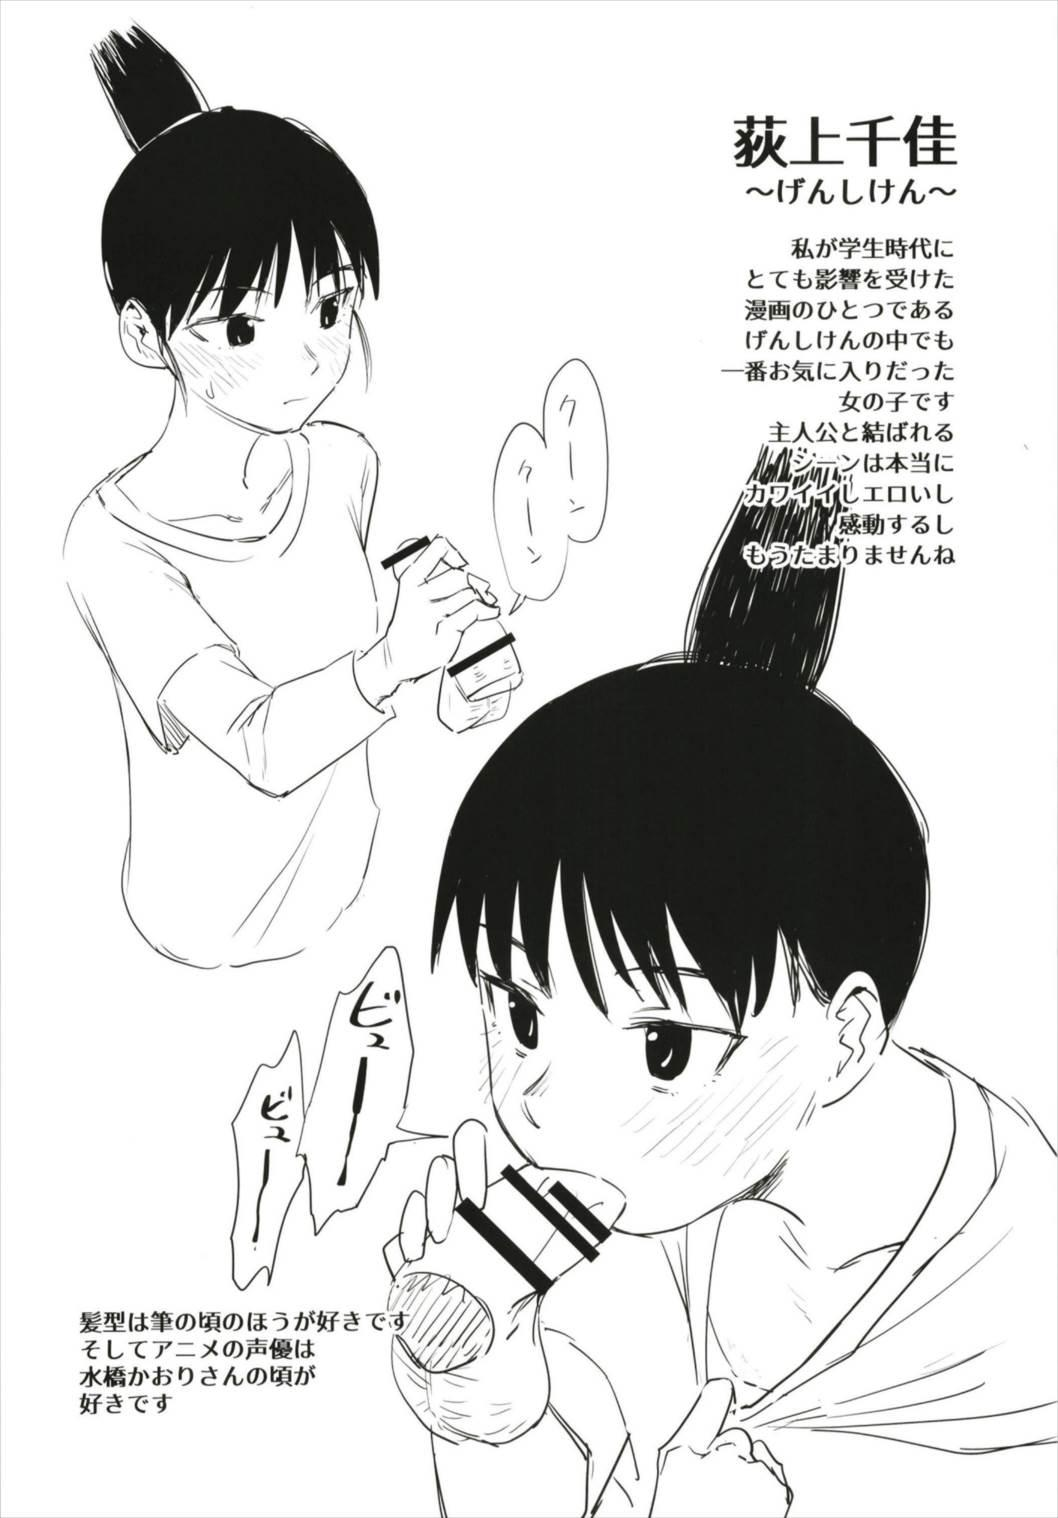 Uto Saori Selection Kono Chara ga Eroi 11